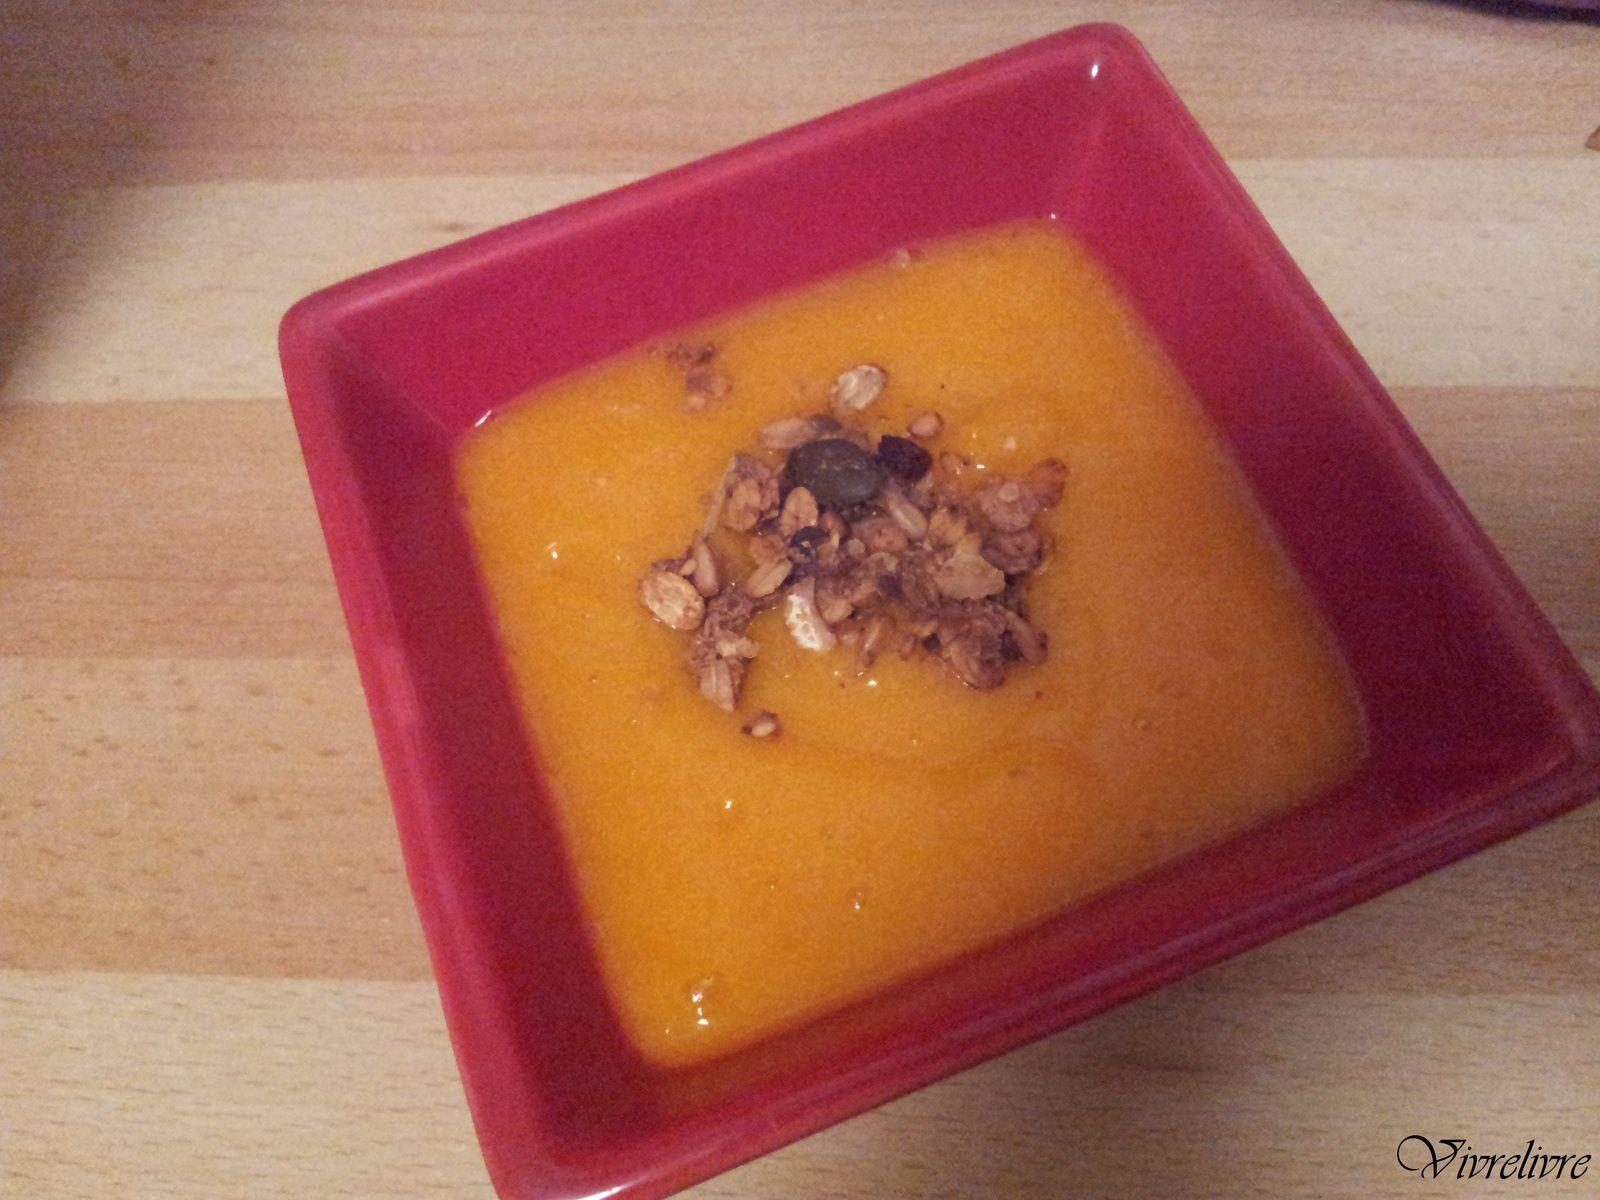 Velouté de potimarron et son granola salé d'Antigone XXI - http://antigonexxi.com/2014/11/06/soupe-de-potimarron-granola-sale-au-fromage-vegan-sans-gluten/